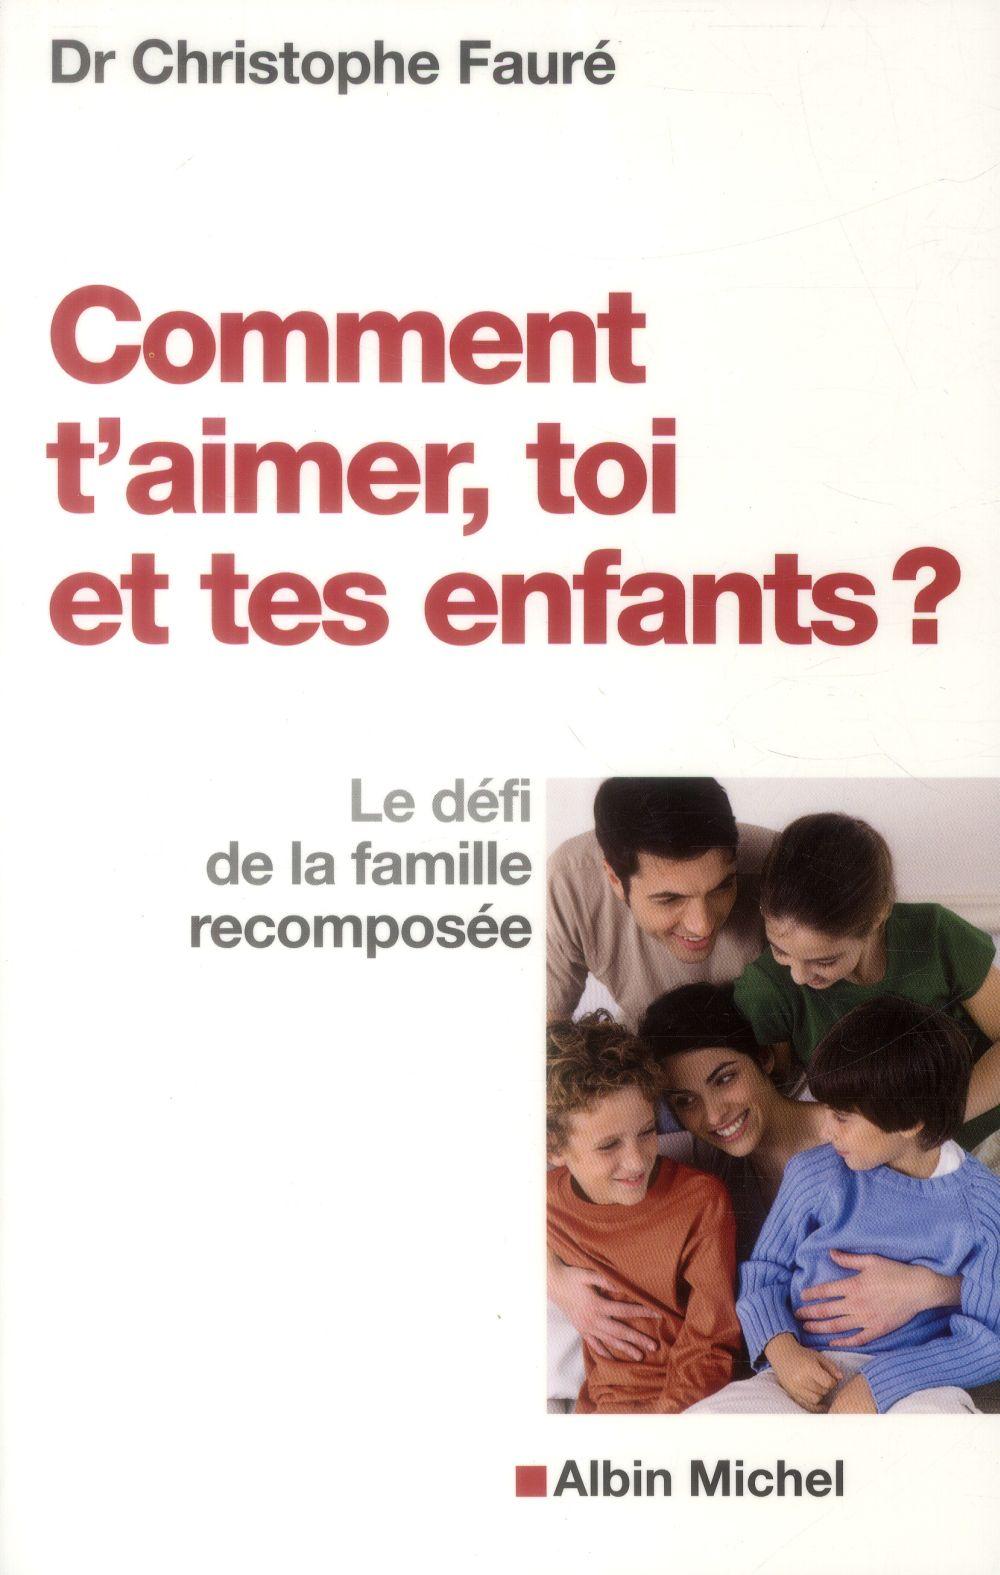 COMMENT T'AIMER, TOI ET TES ENFANTS ? - LE DEFI DE LA FAMILLE RECOMPOSEE